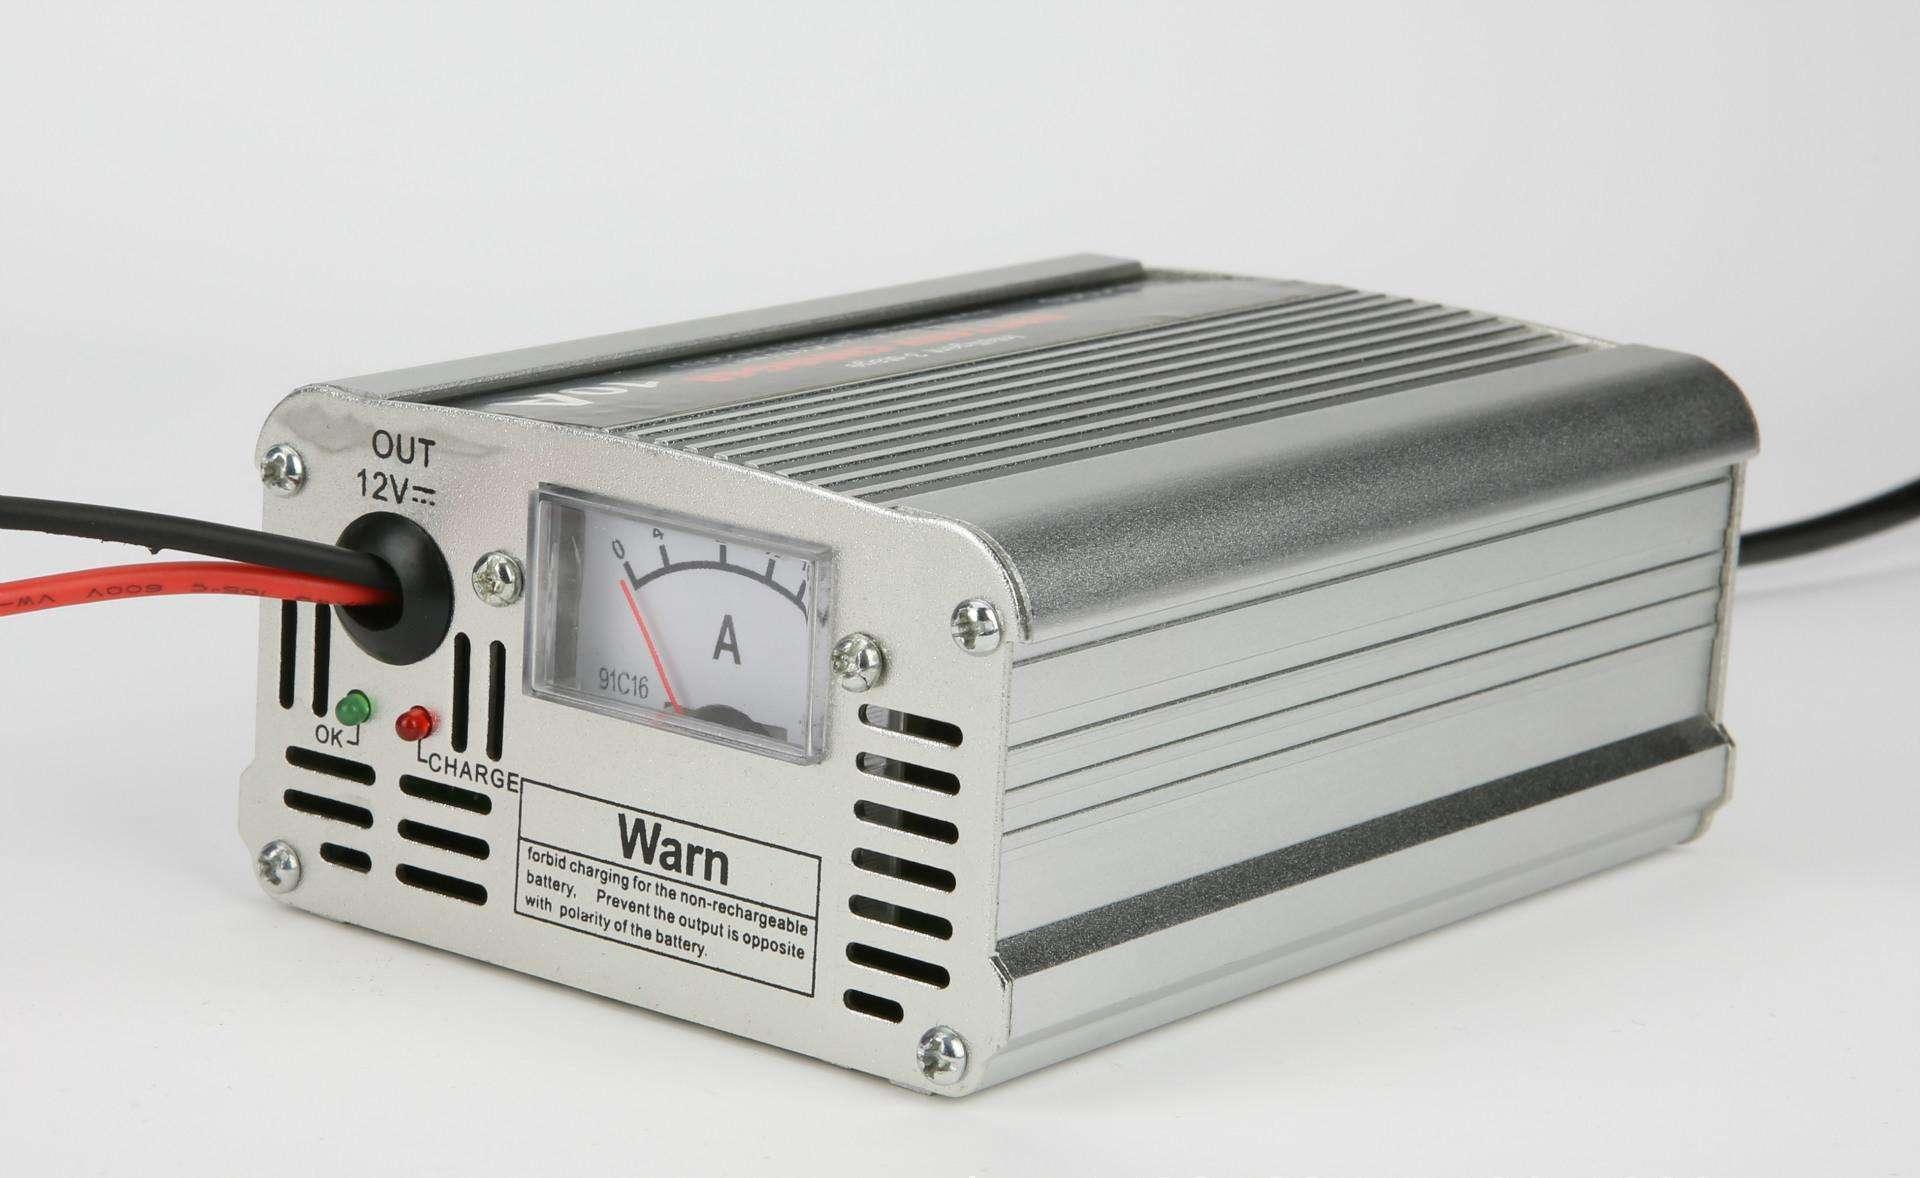 日本新款超快速充电器面世 15分钟内可充电80%